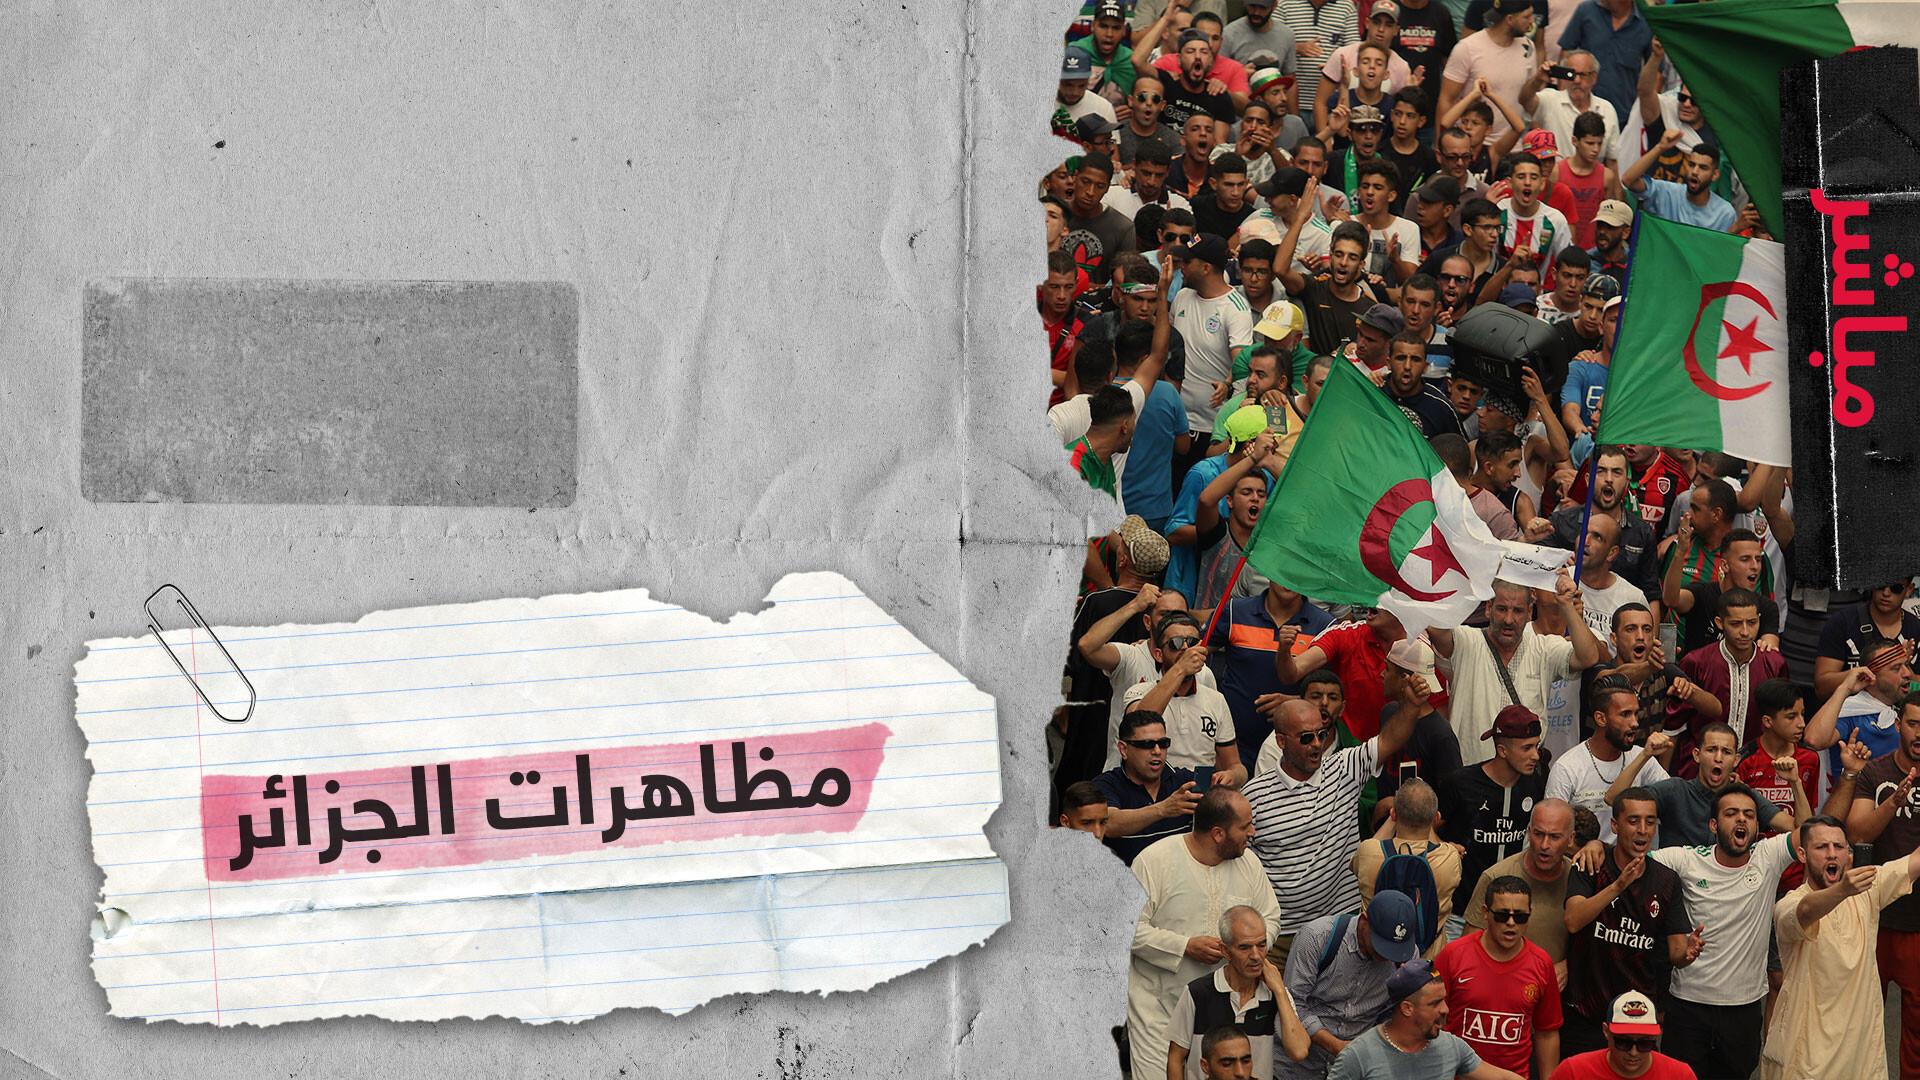 مظاهرات الجزائر مستمرة في جمعتها الـ31  توجه منتظر للانتخابات وانقسام في الشارع